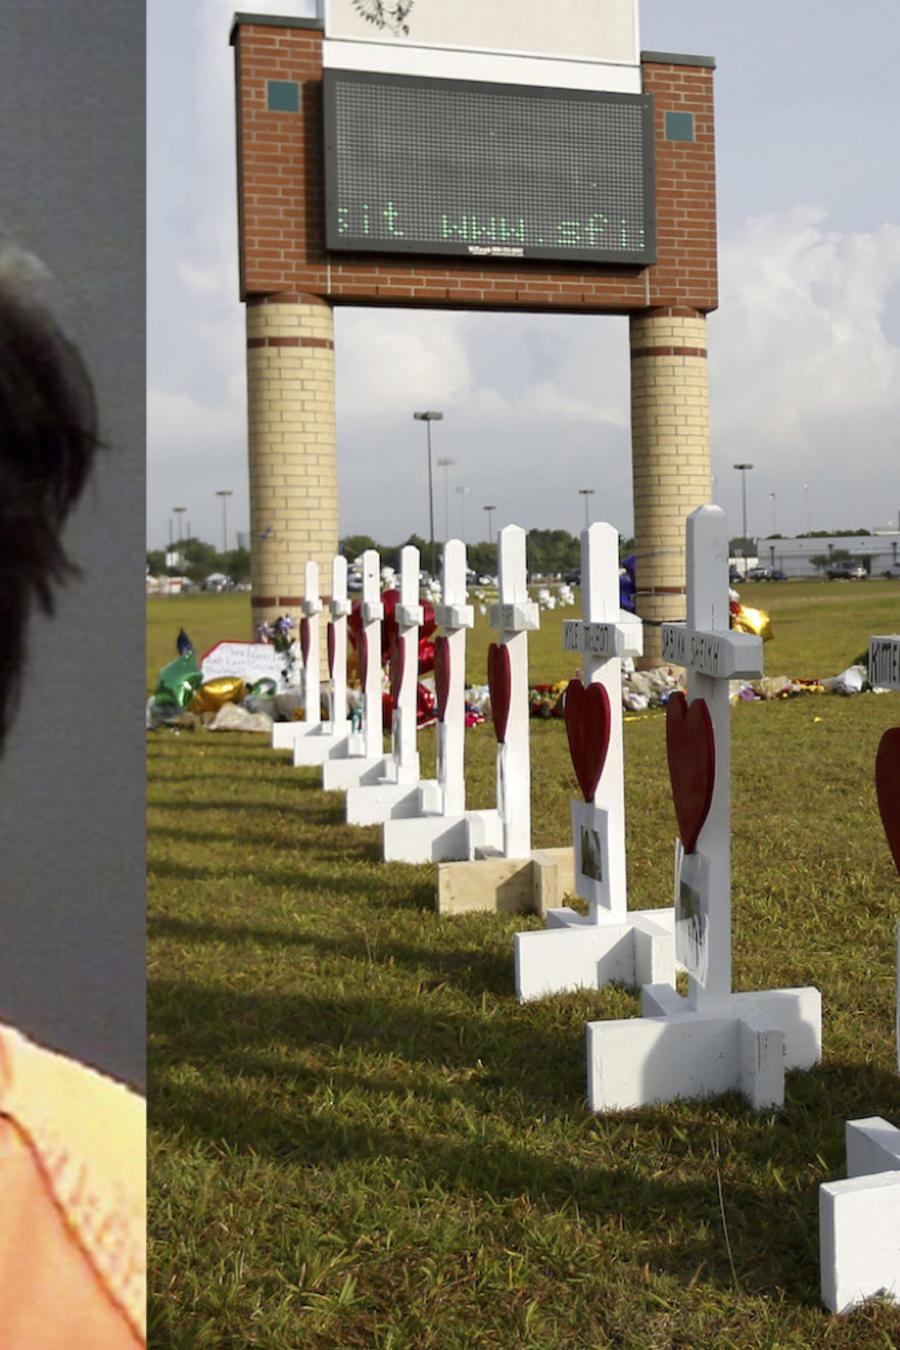 Homenaje a las víctimas en la escuela de Santa Fe, y Dimitrios Pagourtzis.